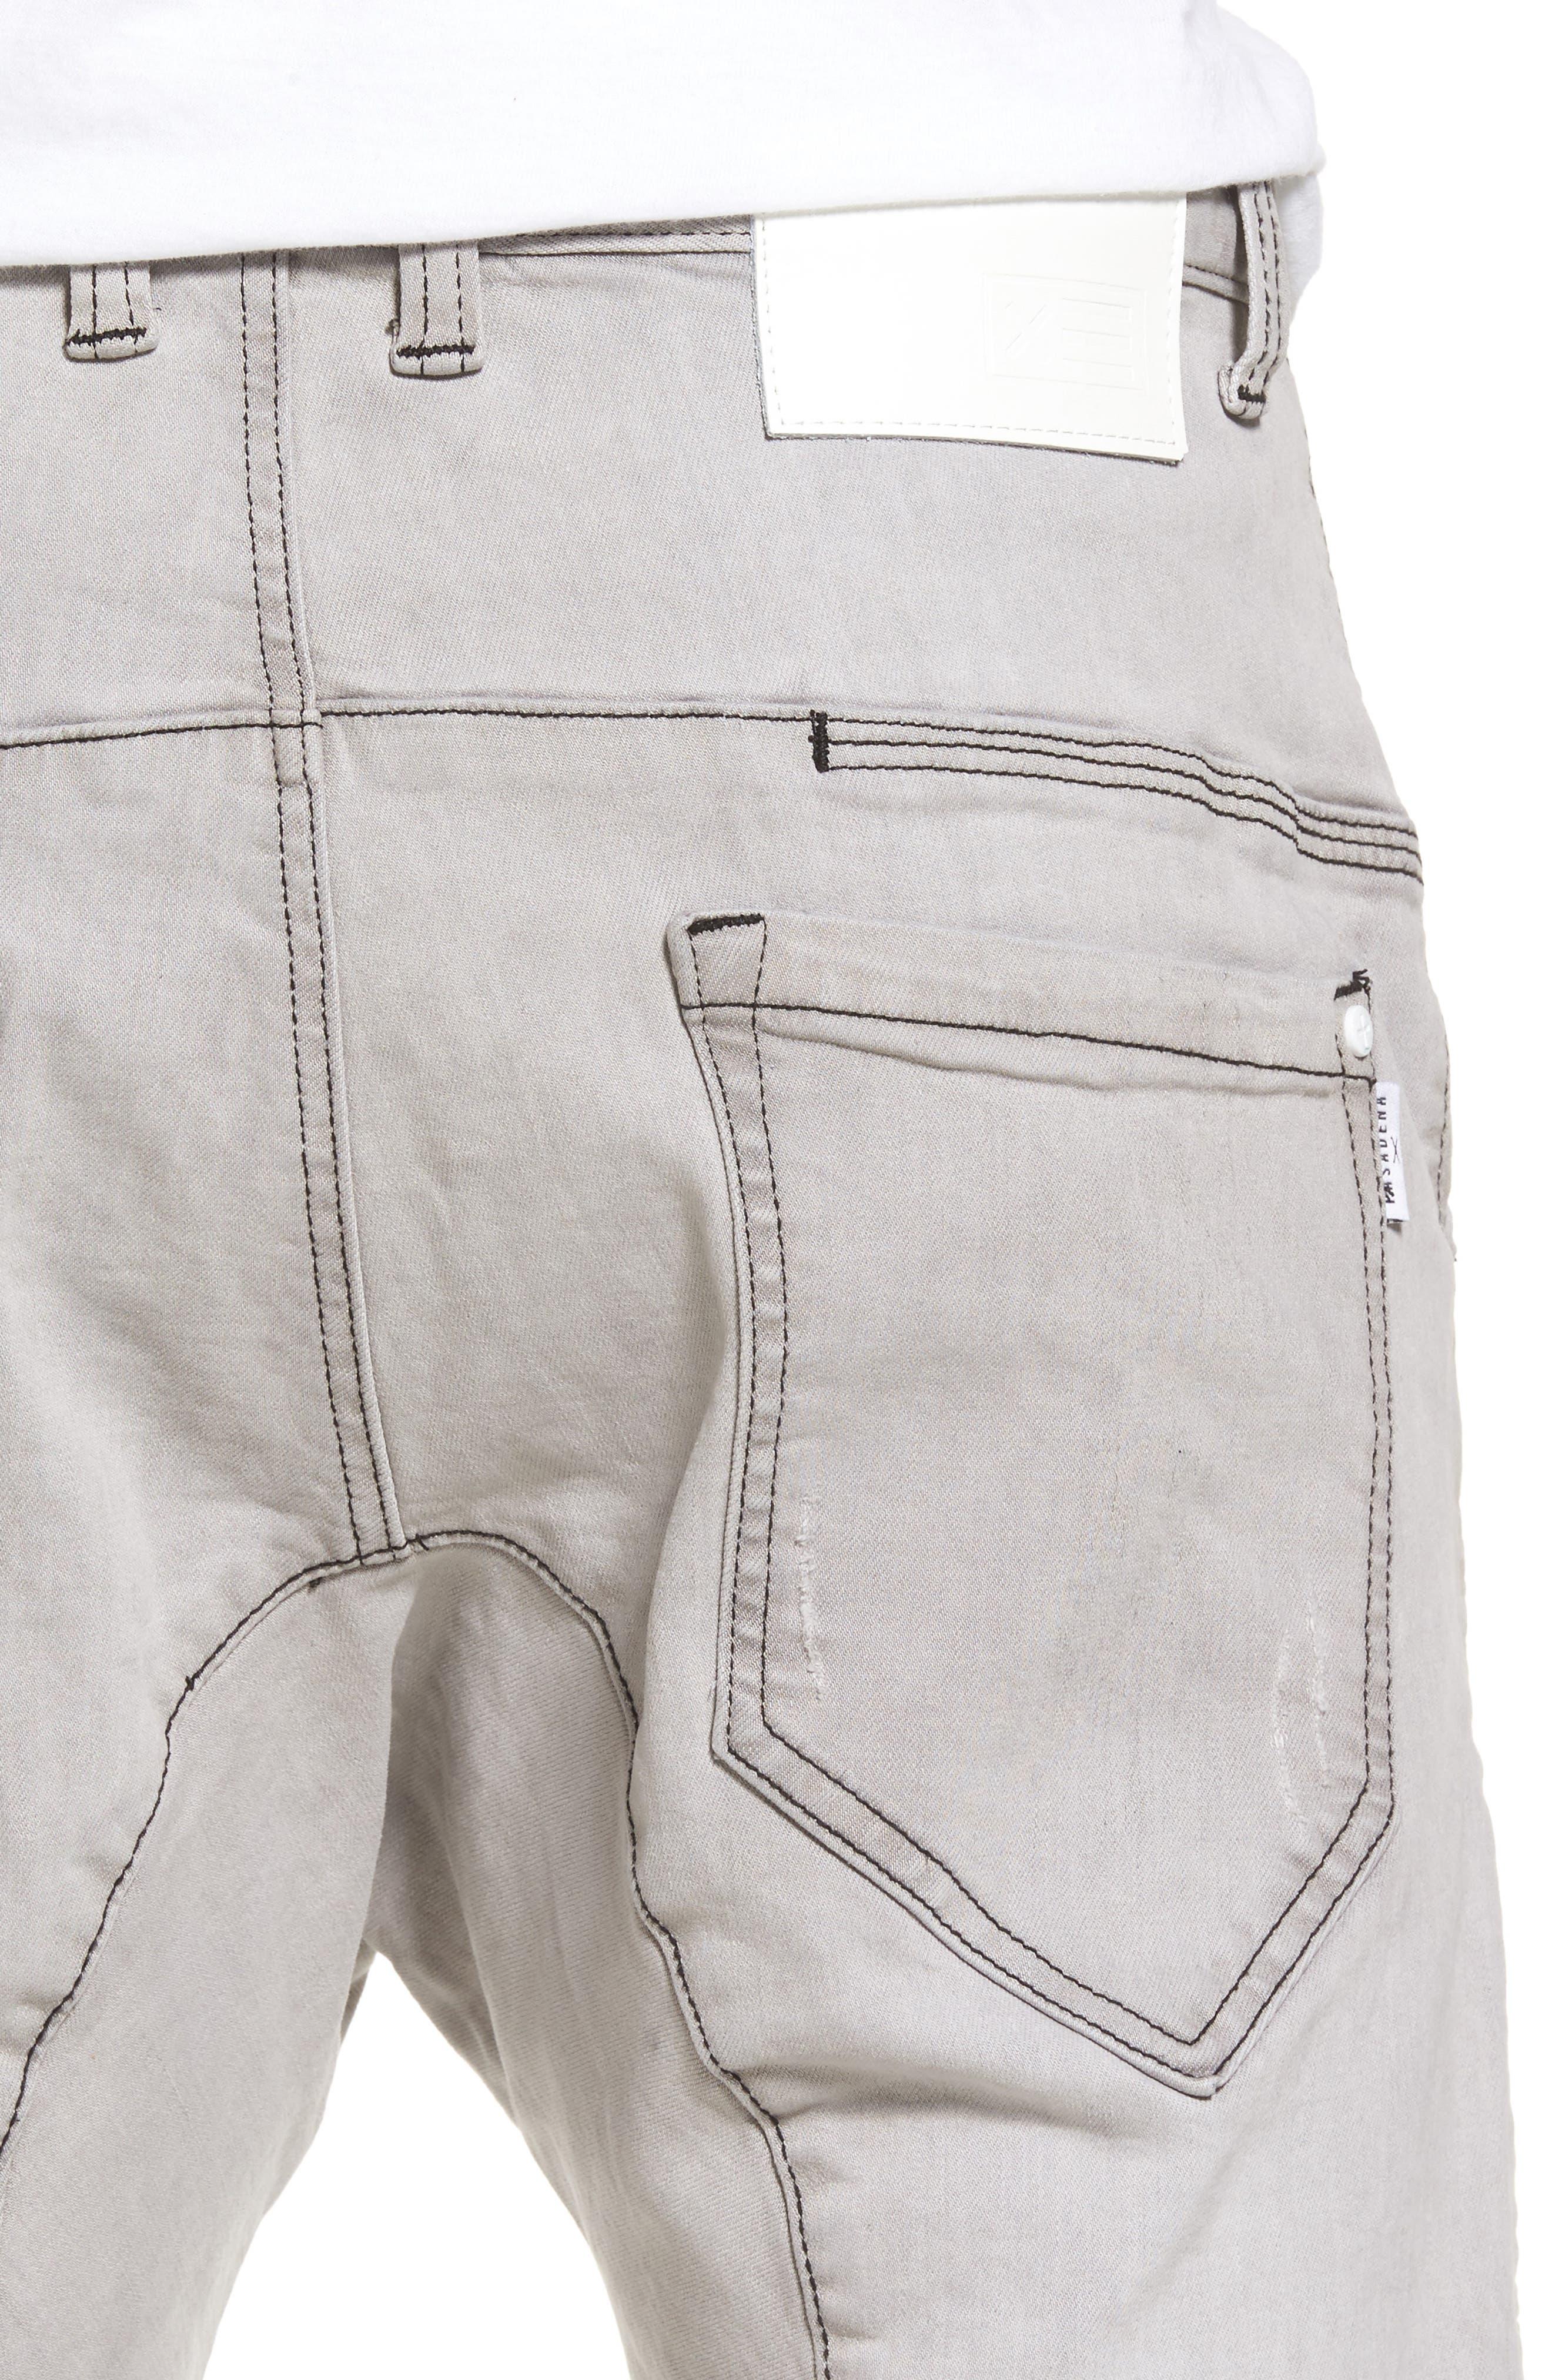 Scope Shorts,                             Alternate thumbnail 4, color,                             069